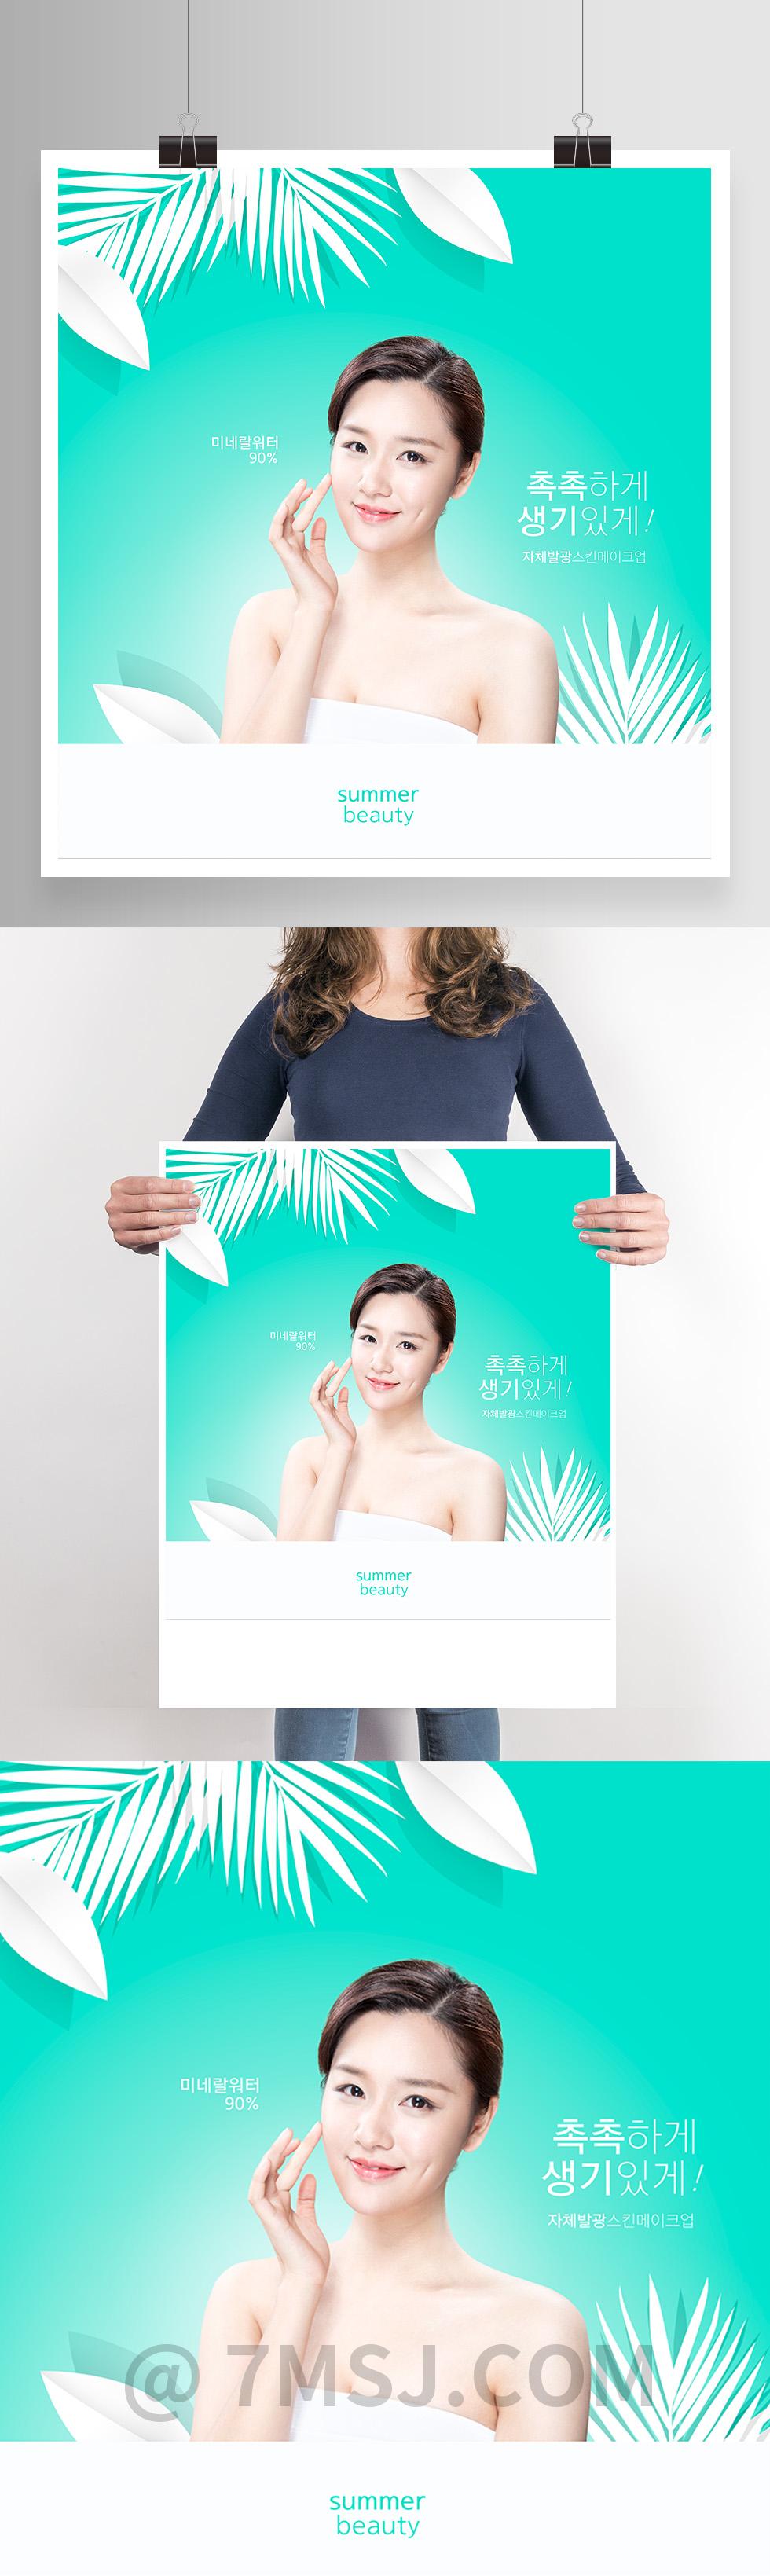 简约小清新化妆品模特促销海报素材